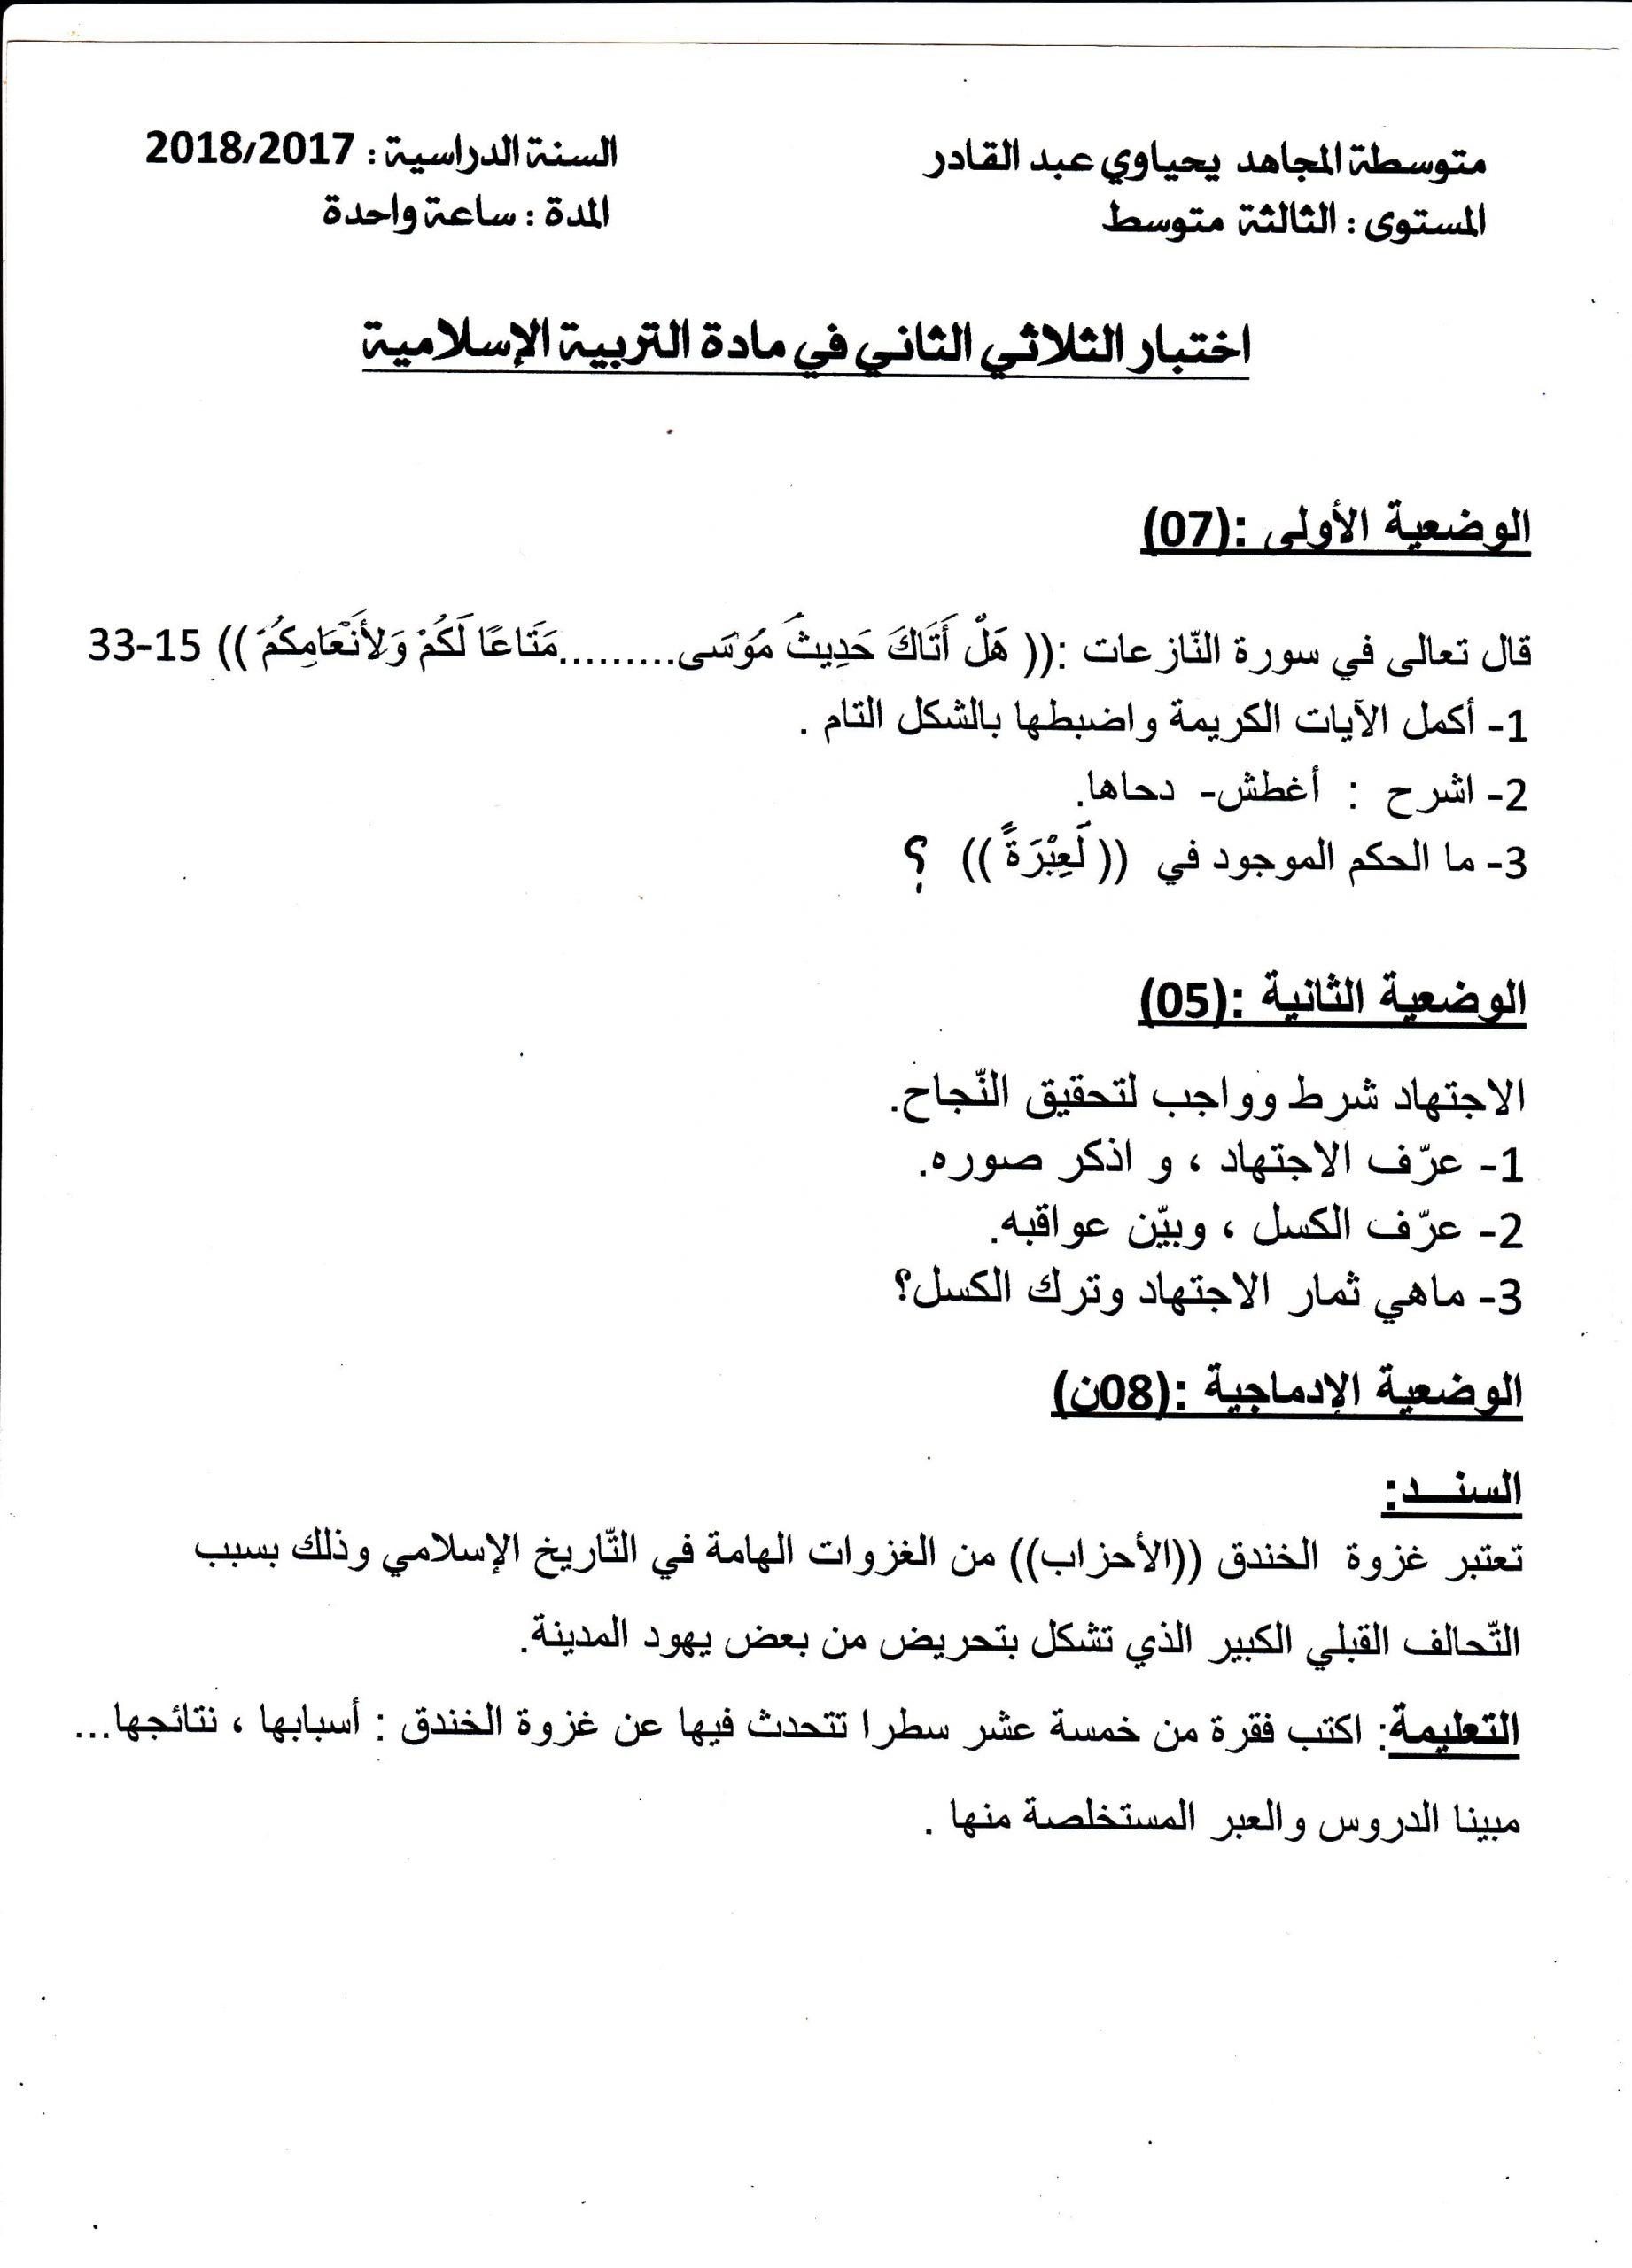 اختبار الفصل الثاني في التربية الاسلامية السنة الثالثة متوسط | الموضوع 01